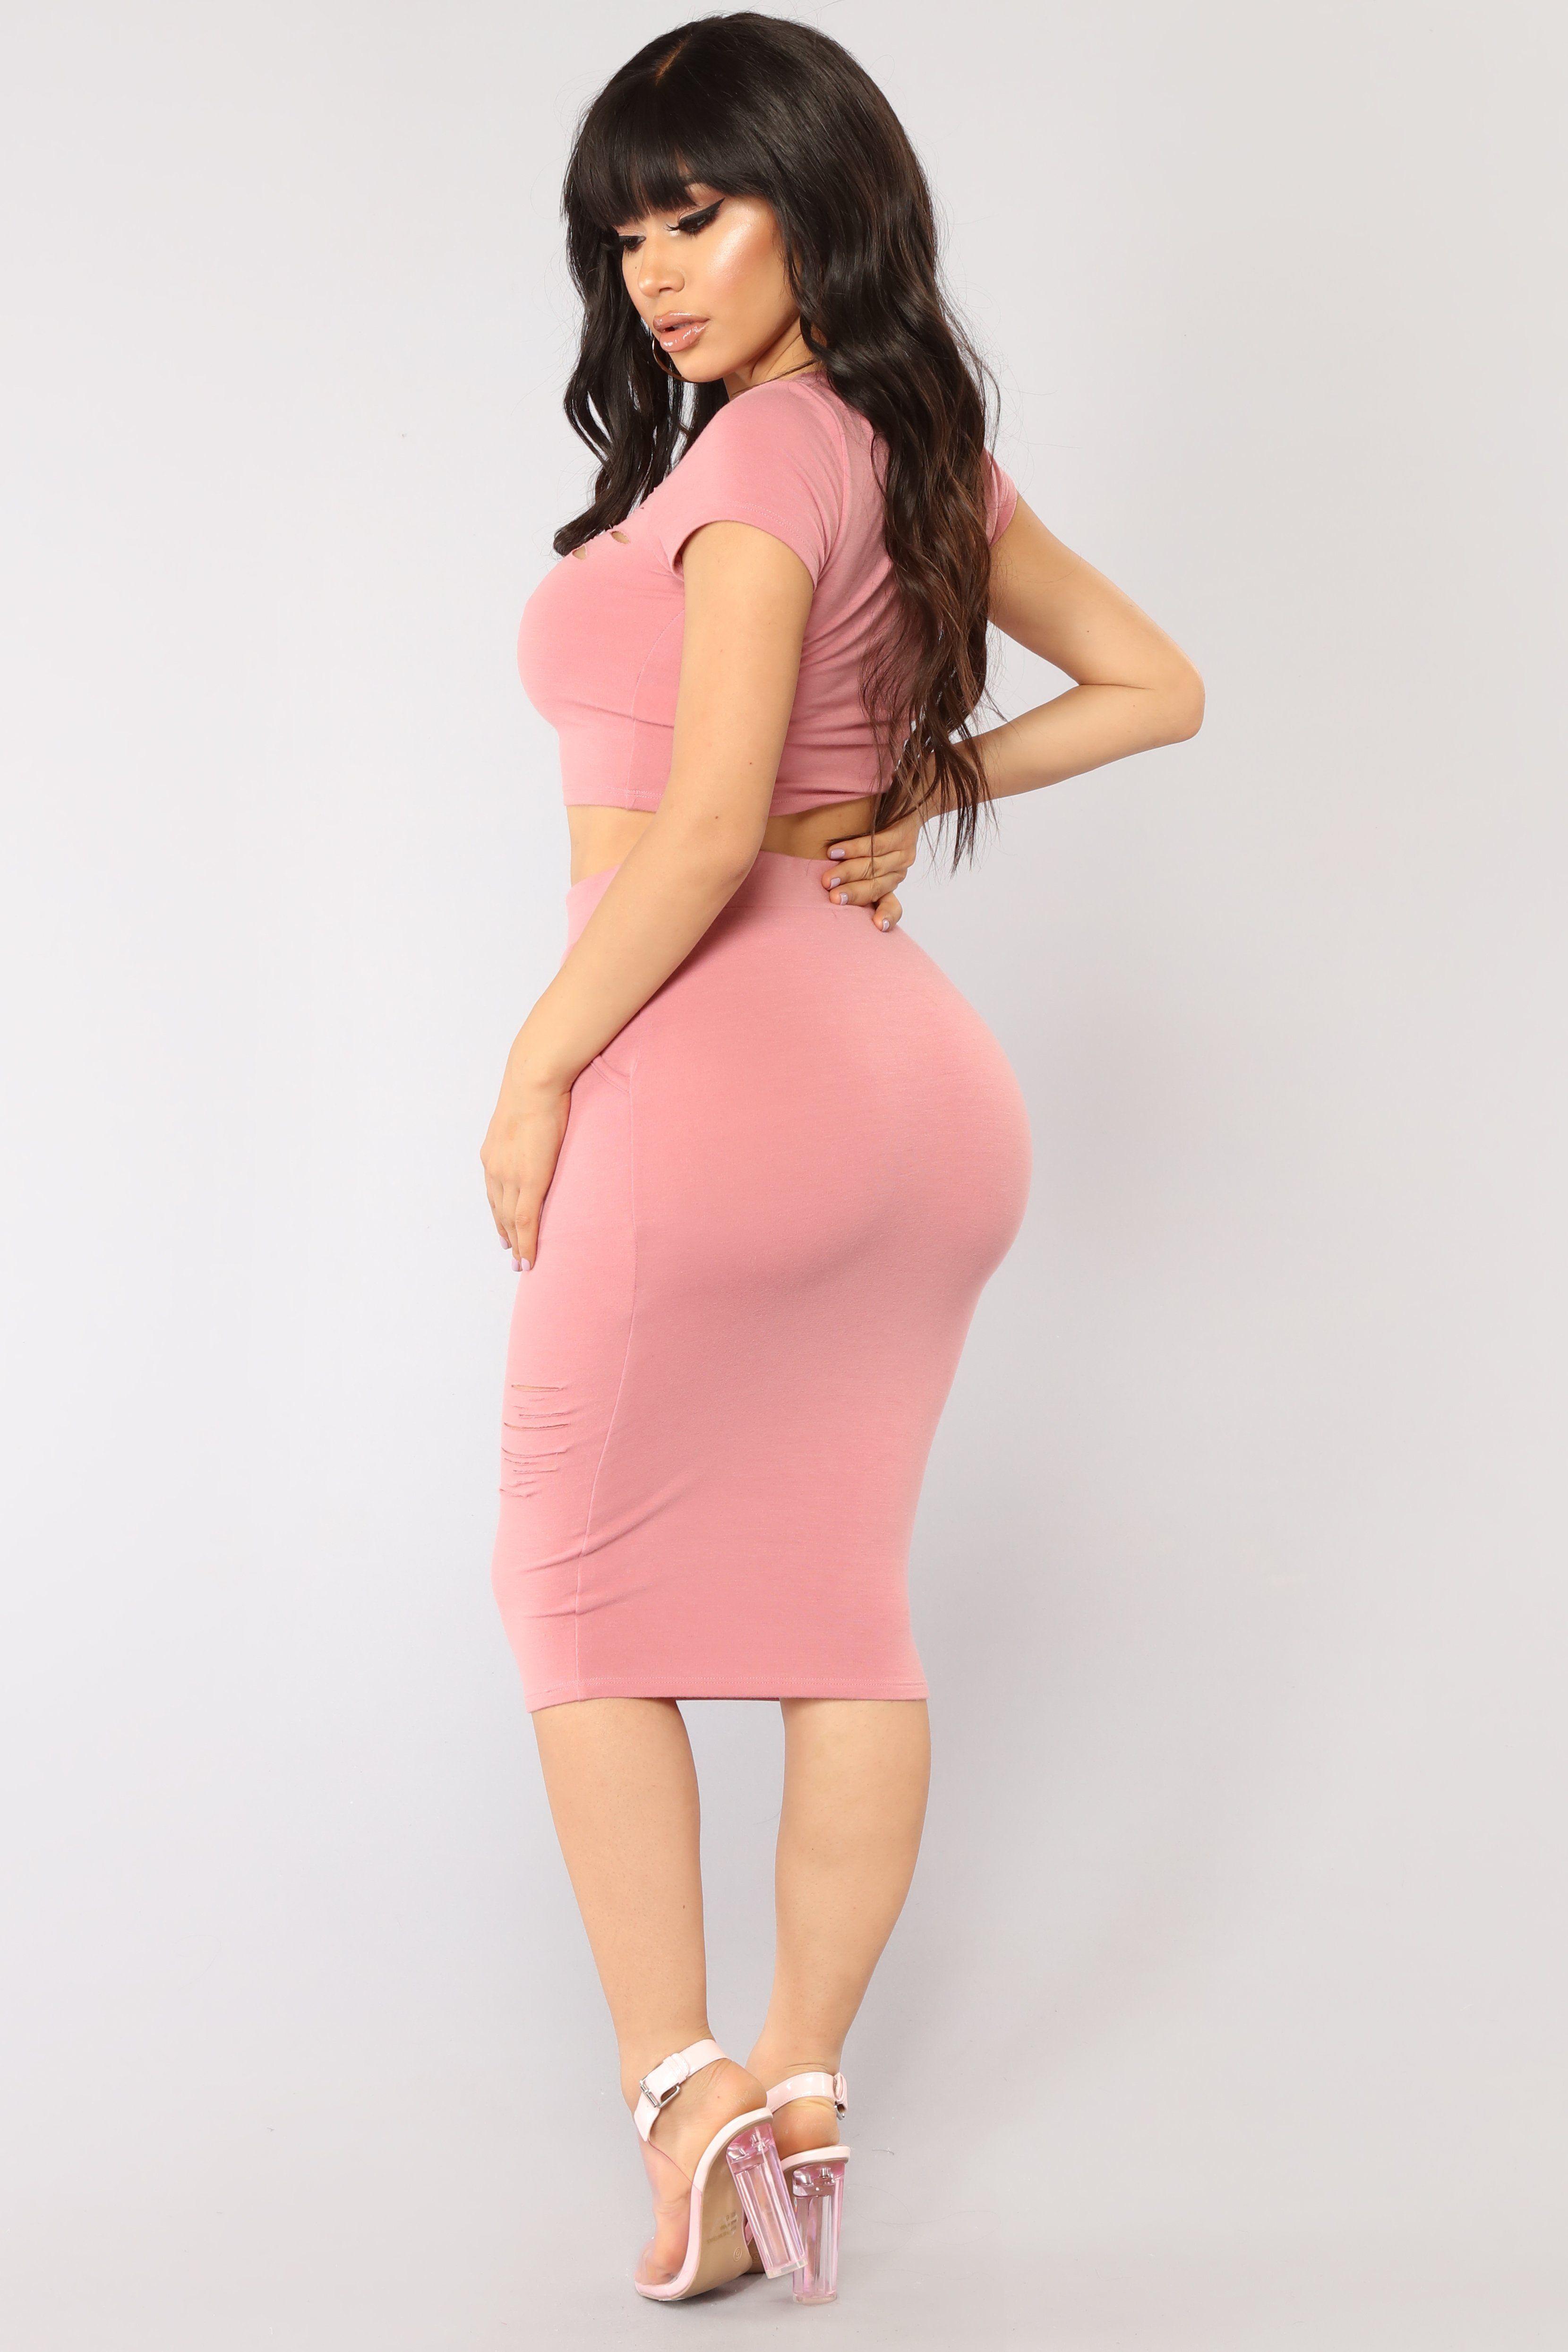 Casual Lover Top - Mauve | Modelos con curvas, Curvas y Modelo